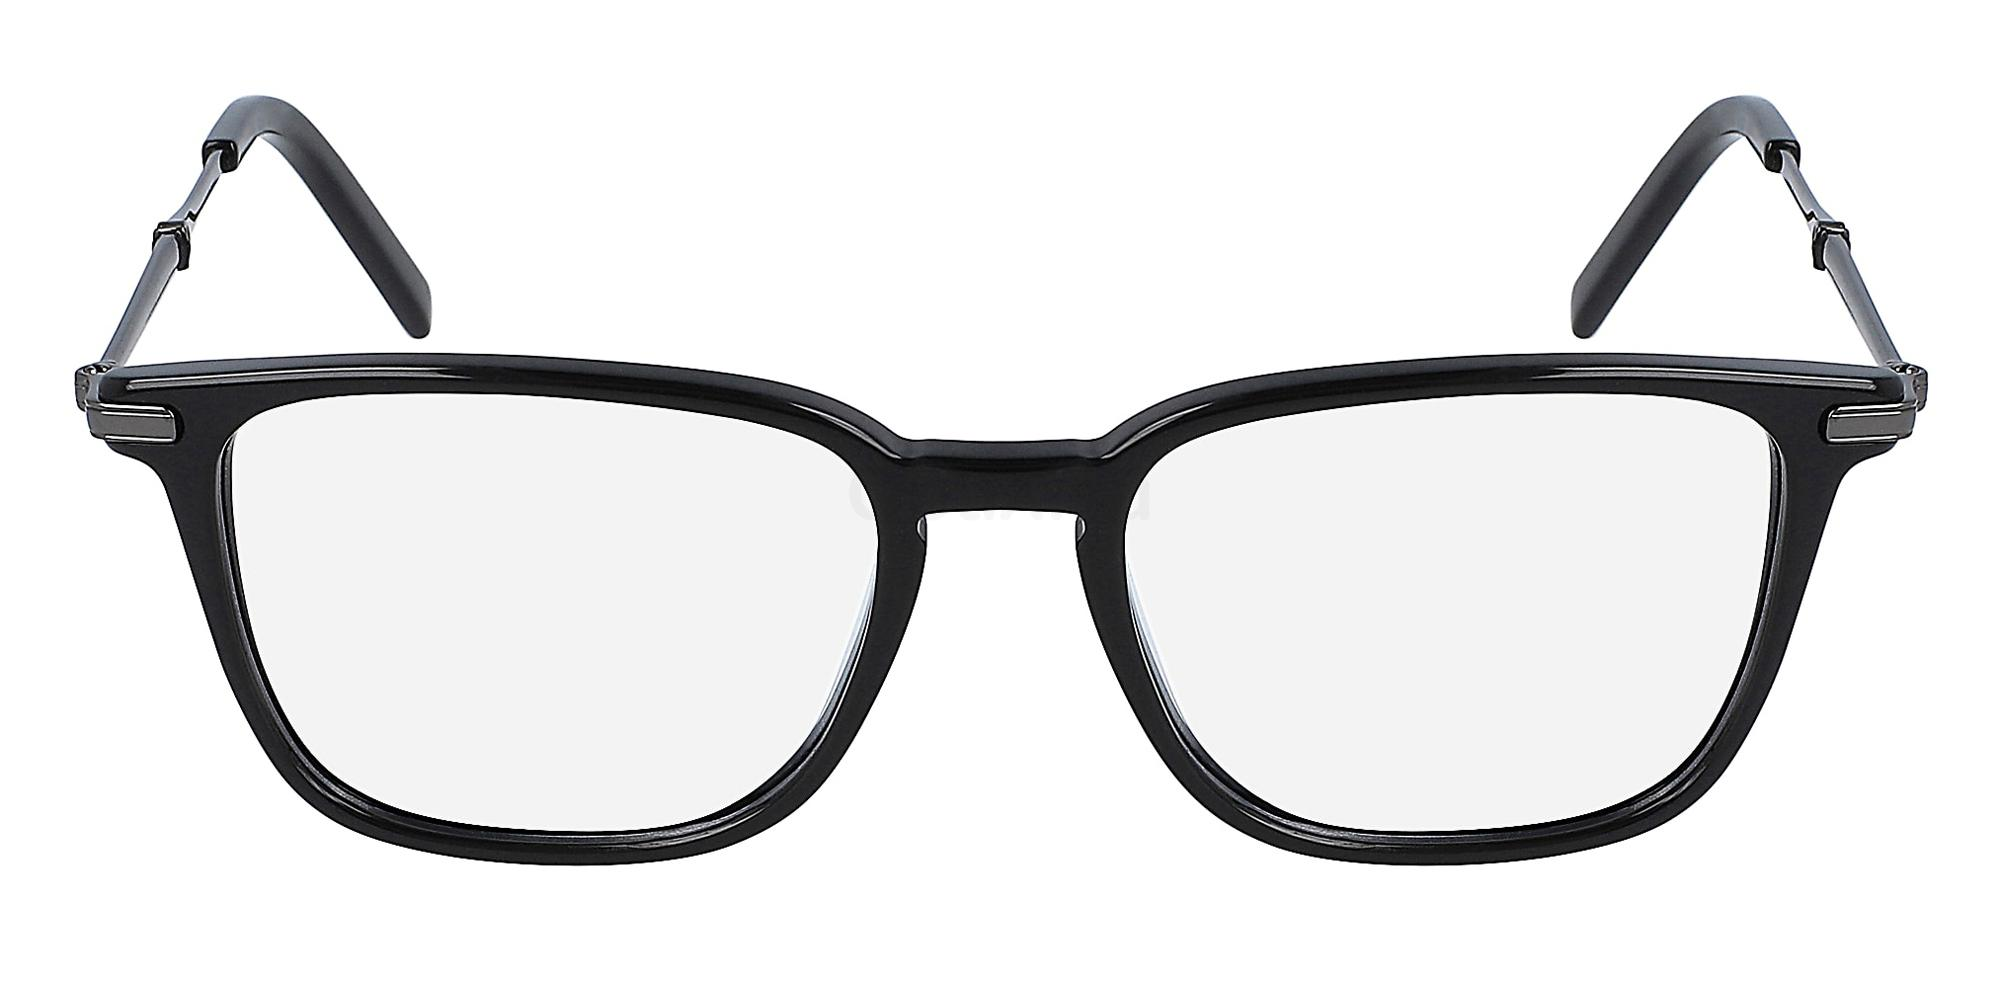 001 SF2861 Glasses, Salvatore Ferragamo